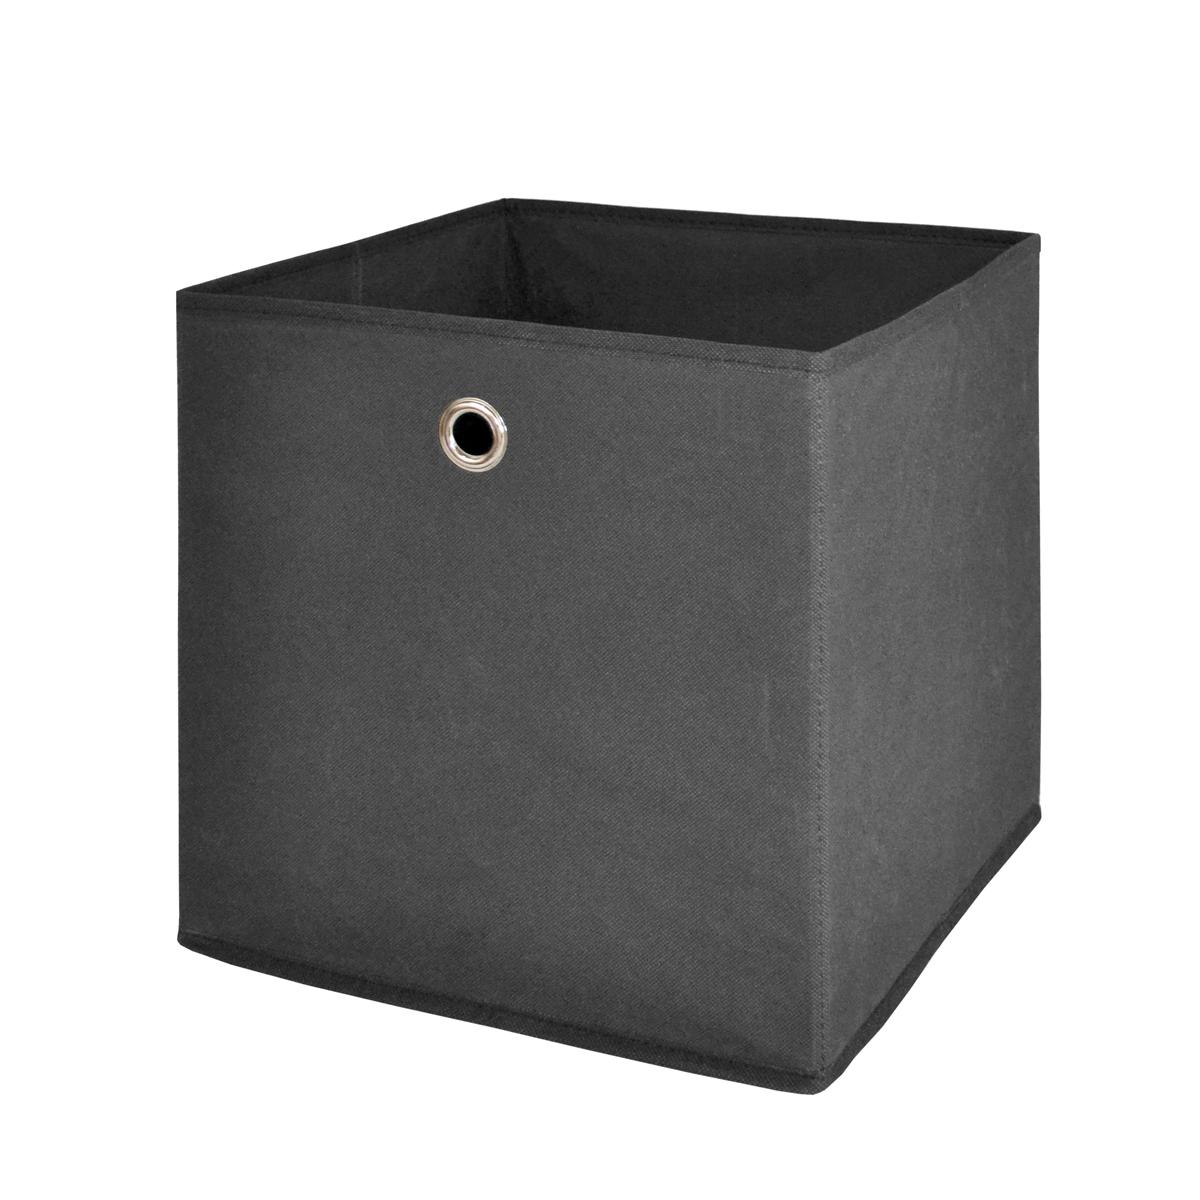 faltbox flori 1 korb regal aufbewahrungsbox in modischen farben f r raumteiler ebay. Black Bedroom Furniture Sets. Home Design Ideas